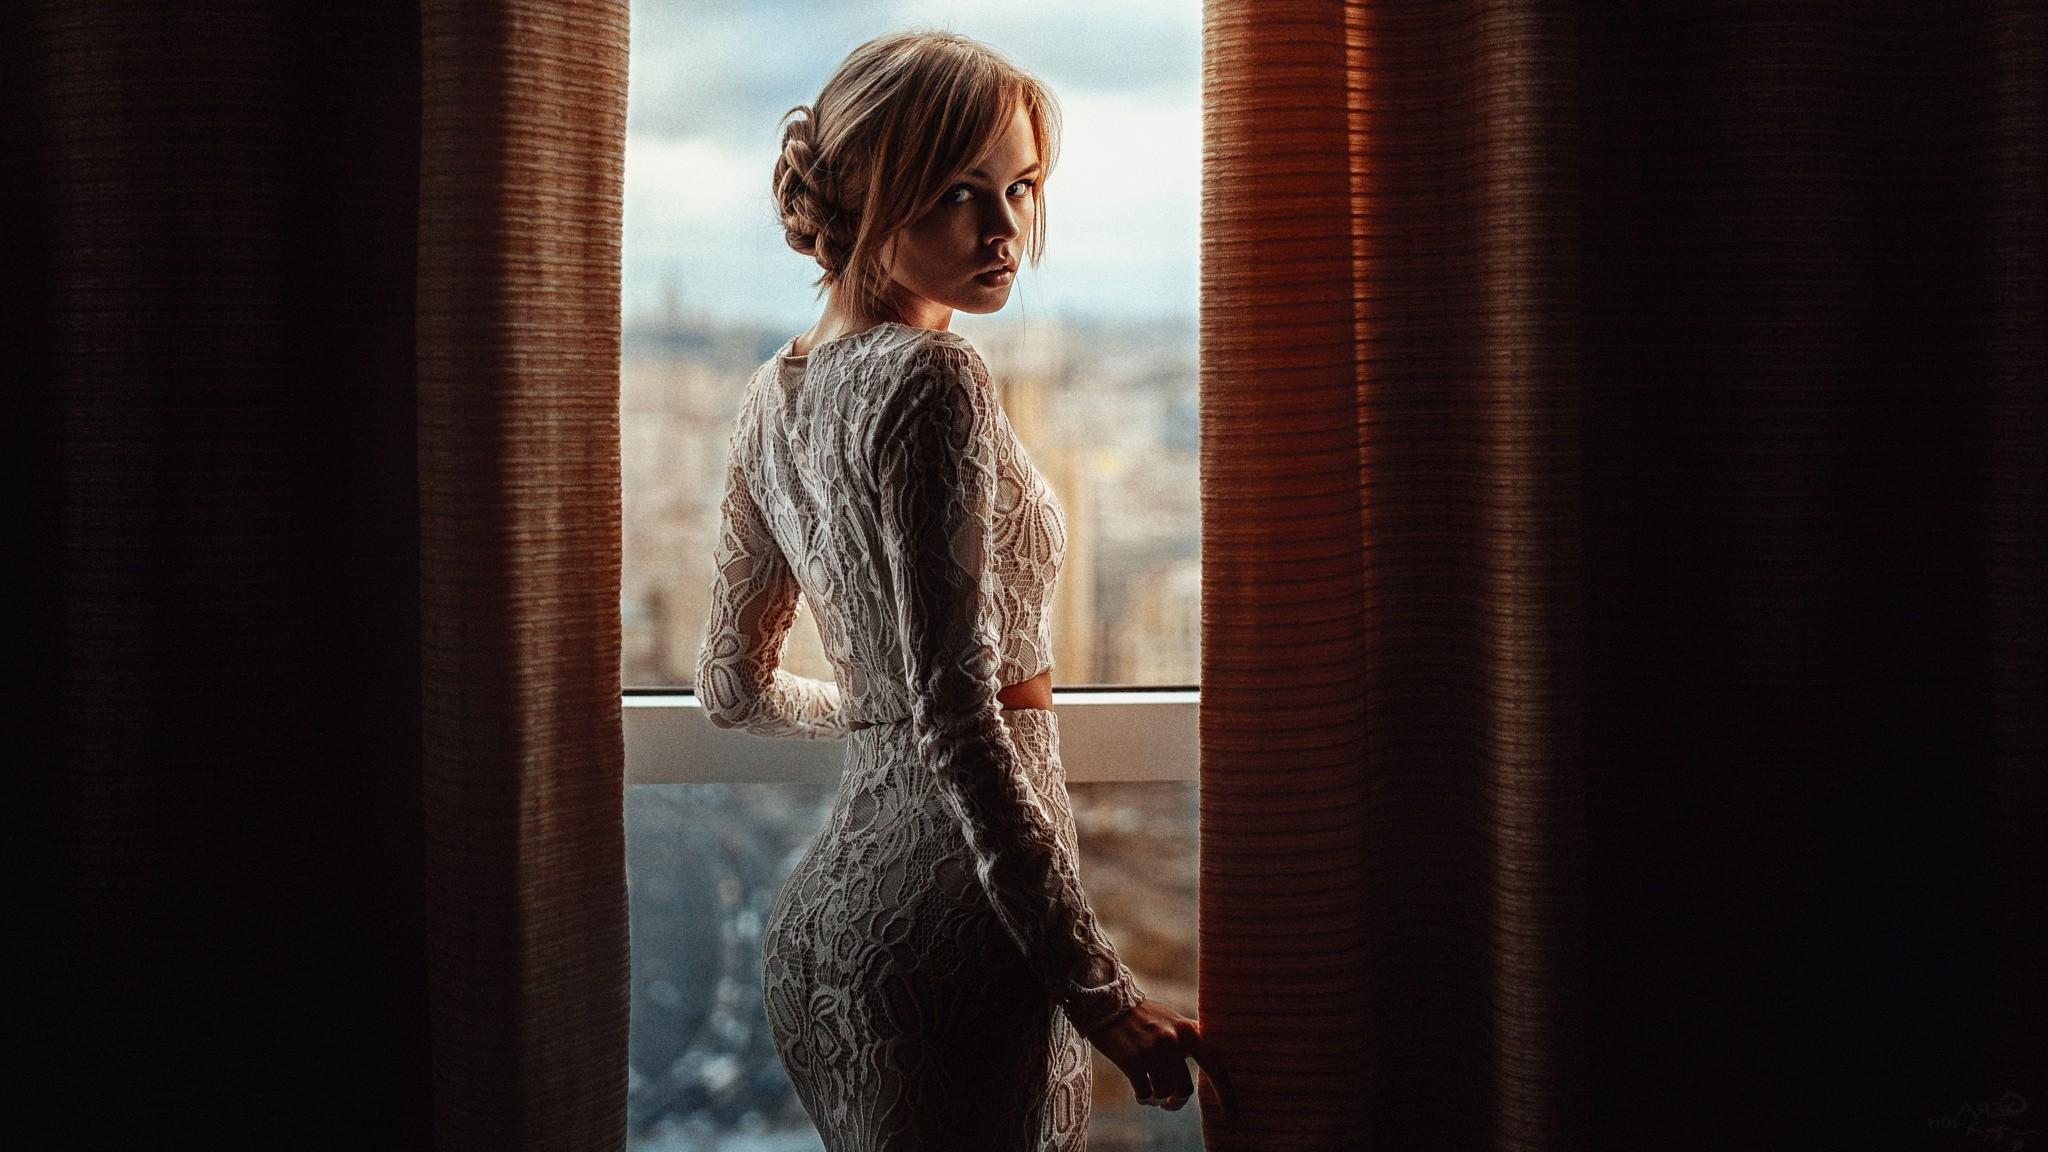 Fond Décran Femmes Maquette Portrait Blond Fenêtre